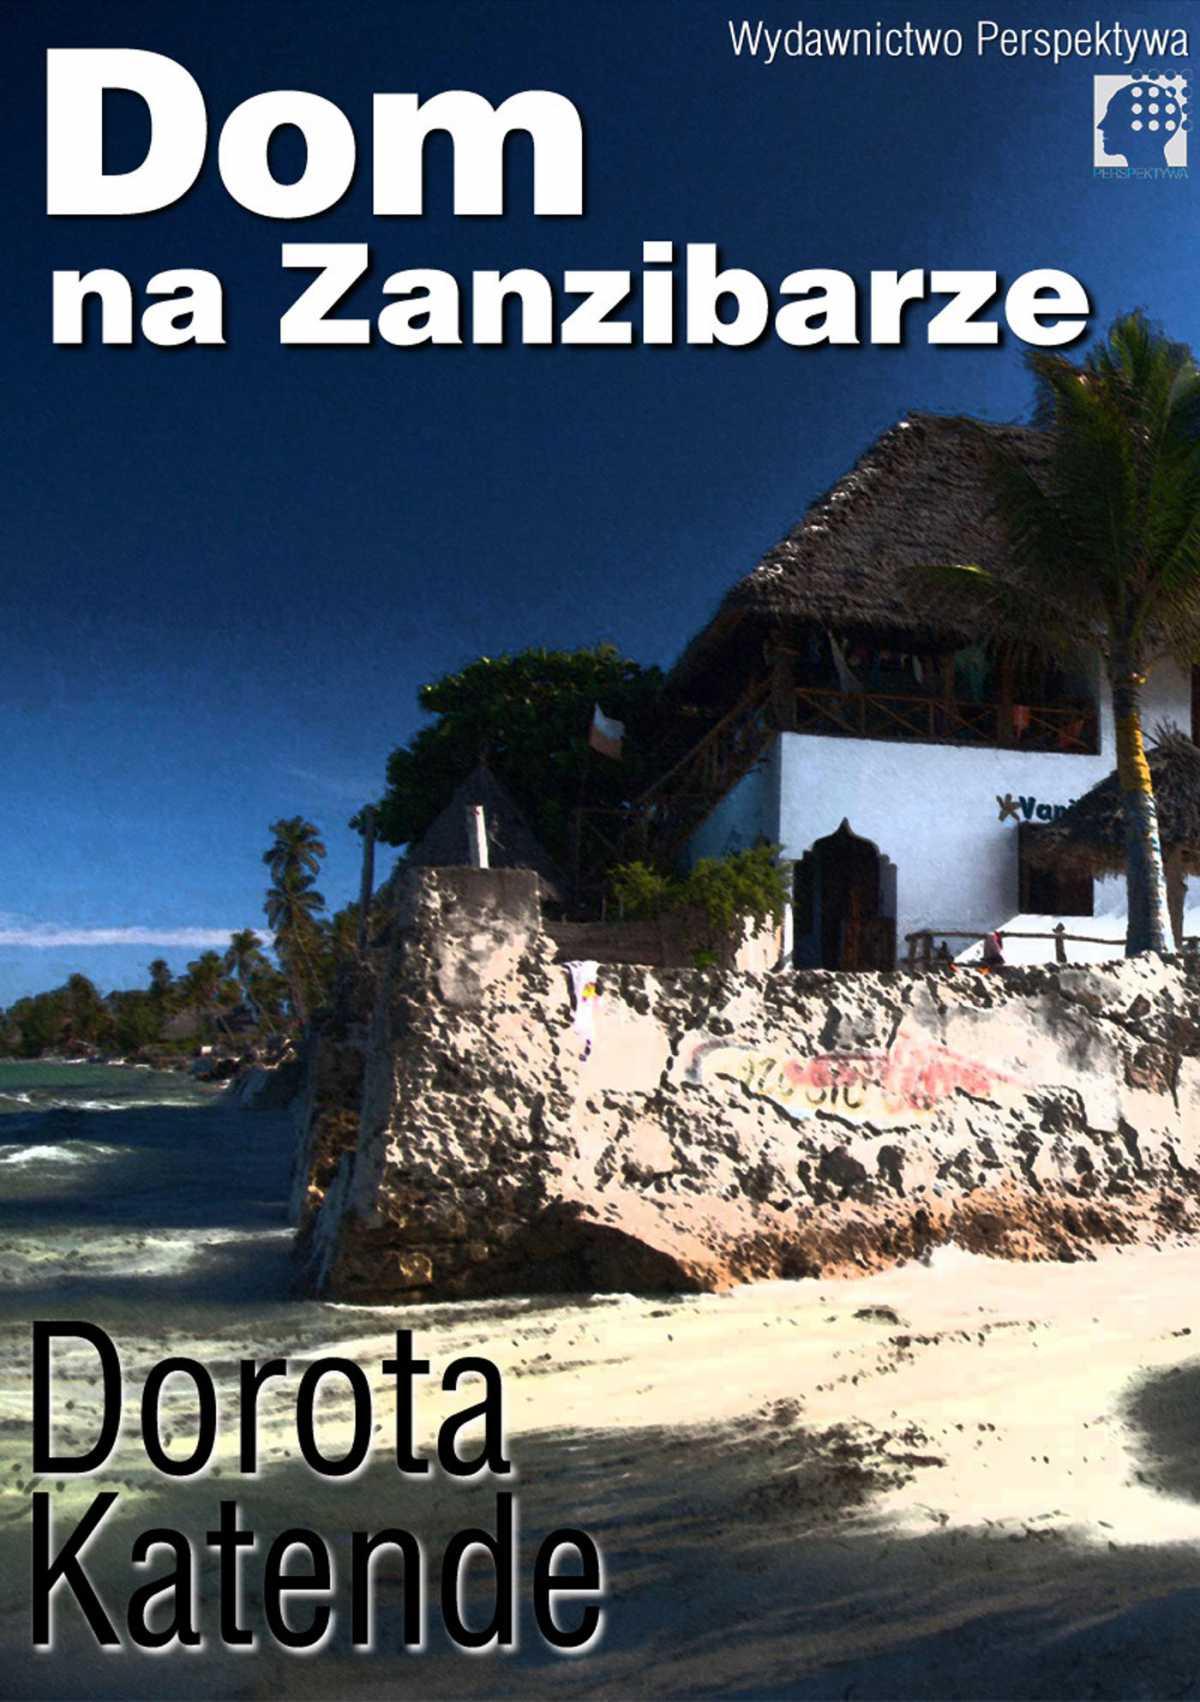 Dom na Zanzibarze - Ebook (Książka EPUB) do pobrania w formacie EPUB